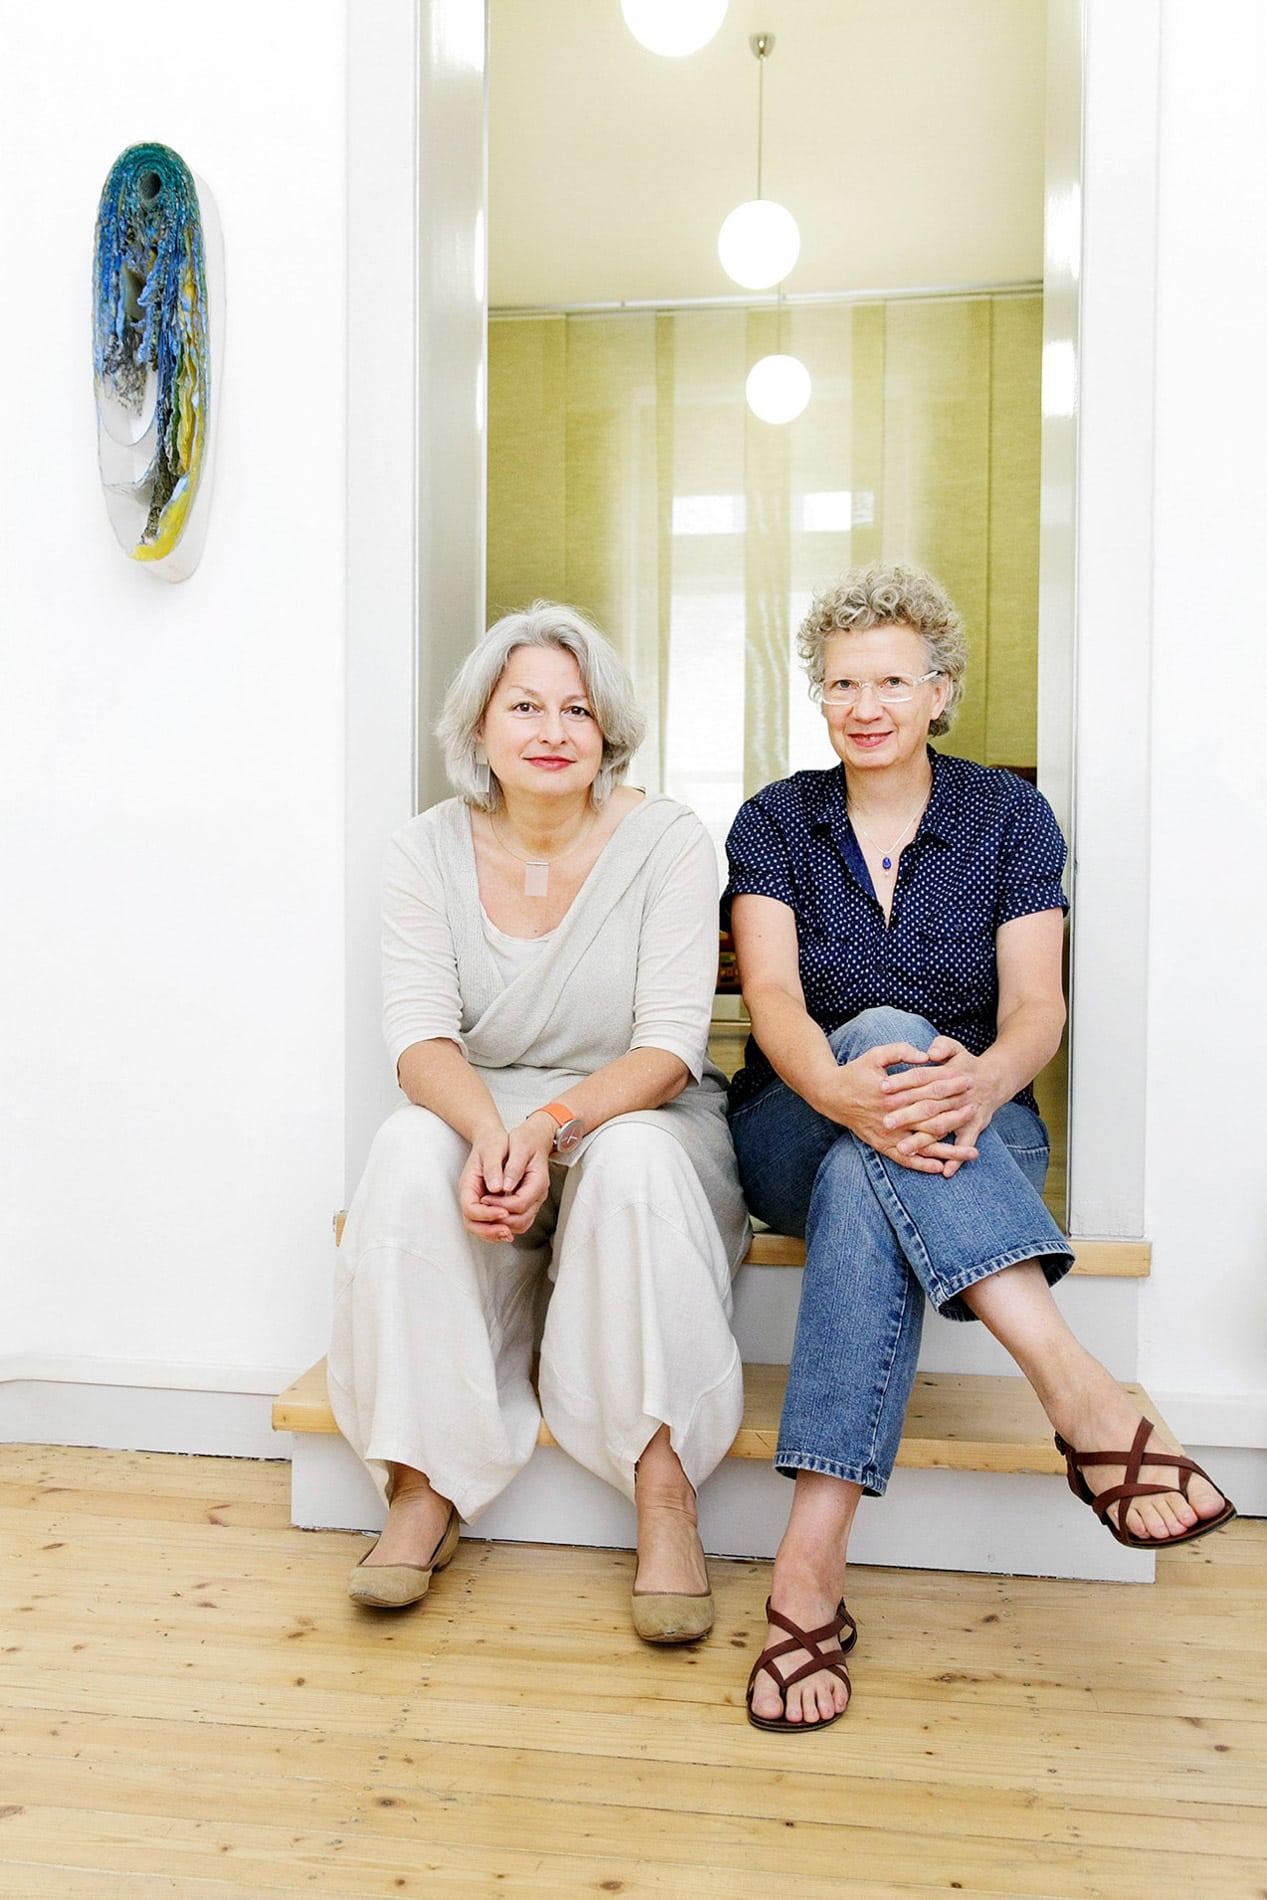 Imageaufnamhe, Portrait, Profil, Gruppenaufnahme, Büro, sitzend auf der Treppe,Pressefrauen in Frankfurt Elisabeth Ehrhorn & Carmen Sorgler